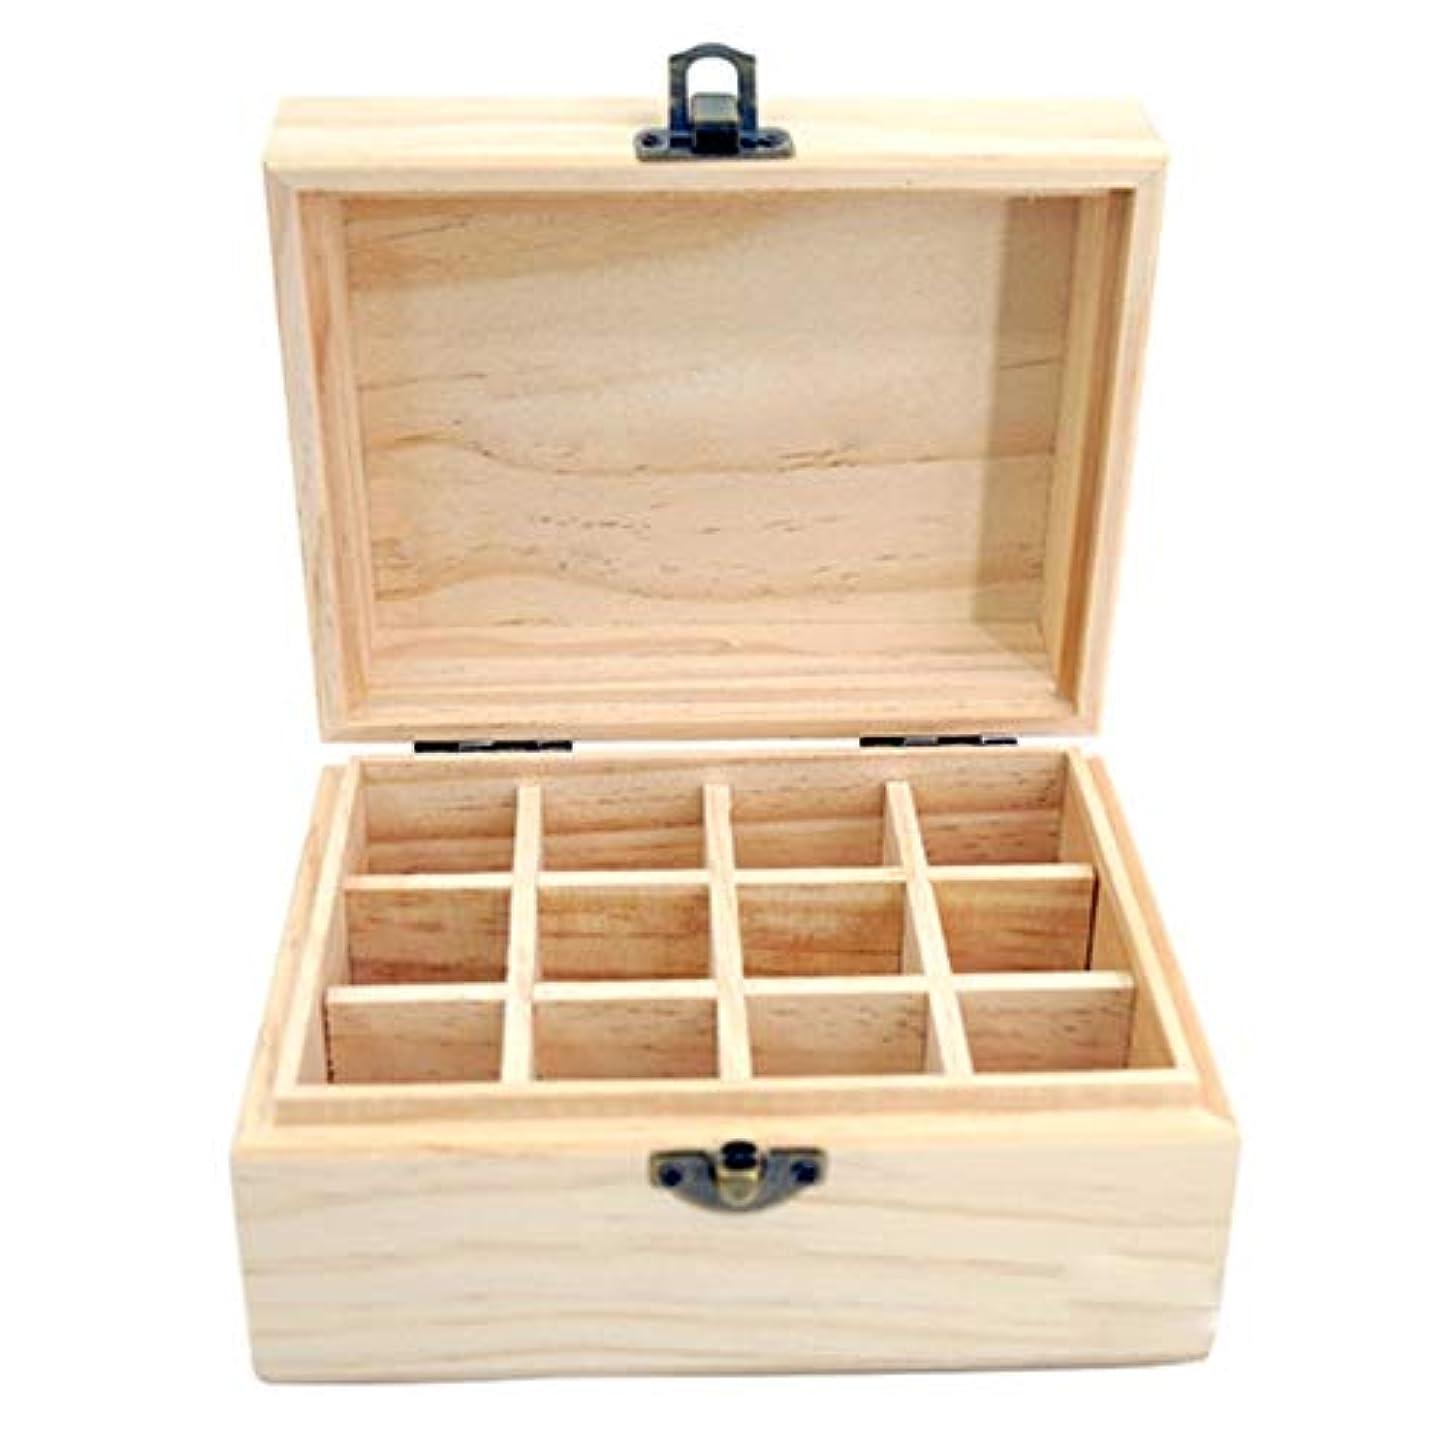 生産的世界記録のギネスブック水っぽいエッセンシャルオイルストレージボックス 18スロットエッセンシャルオイル木製ボックス収納ケースは、あなたの油安全保護さを保つ保護します 旅行およびプレゼンテーション用 (色 : Natural, サイズ : 15X11.5X8CM)